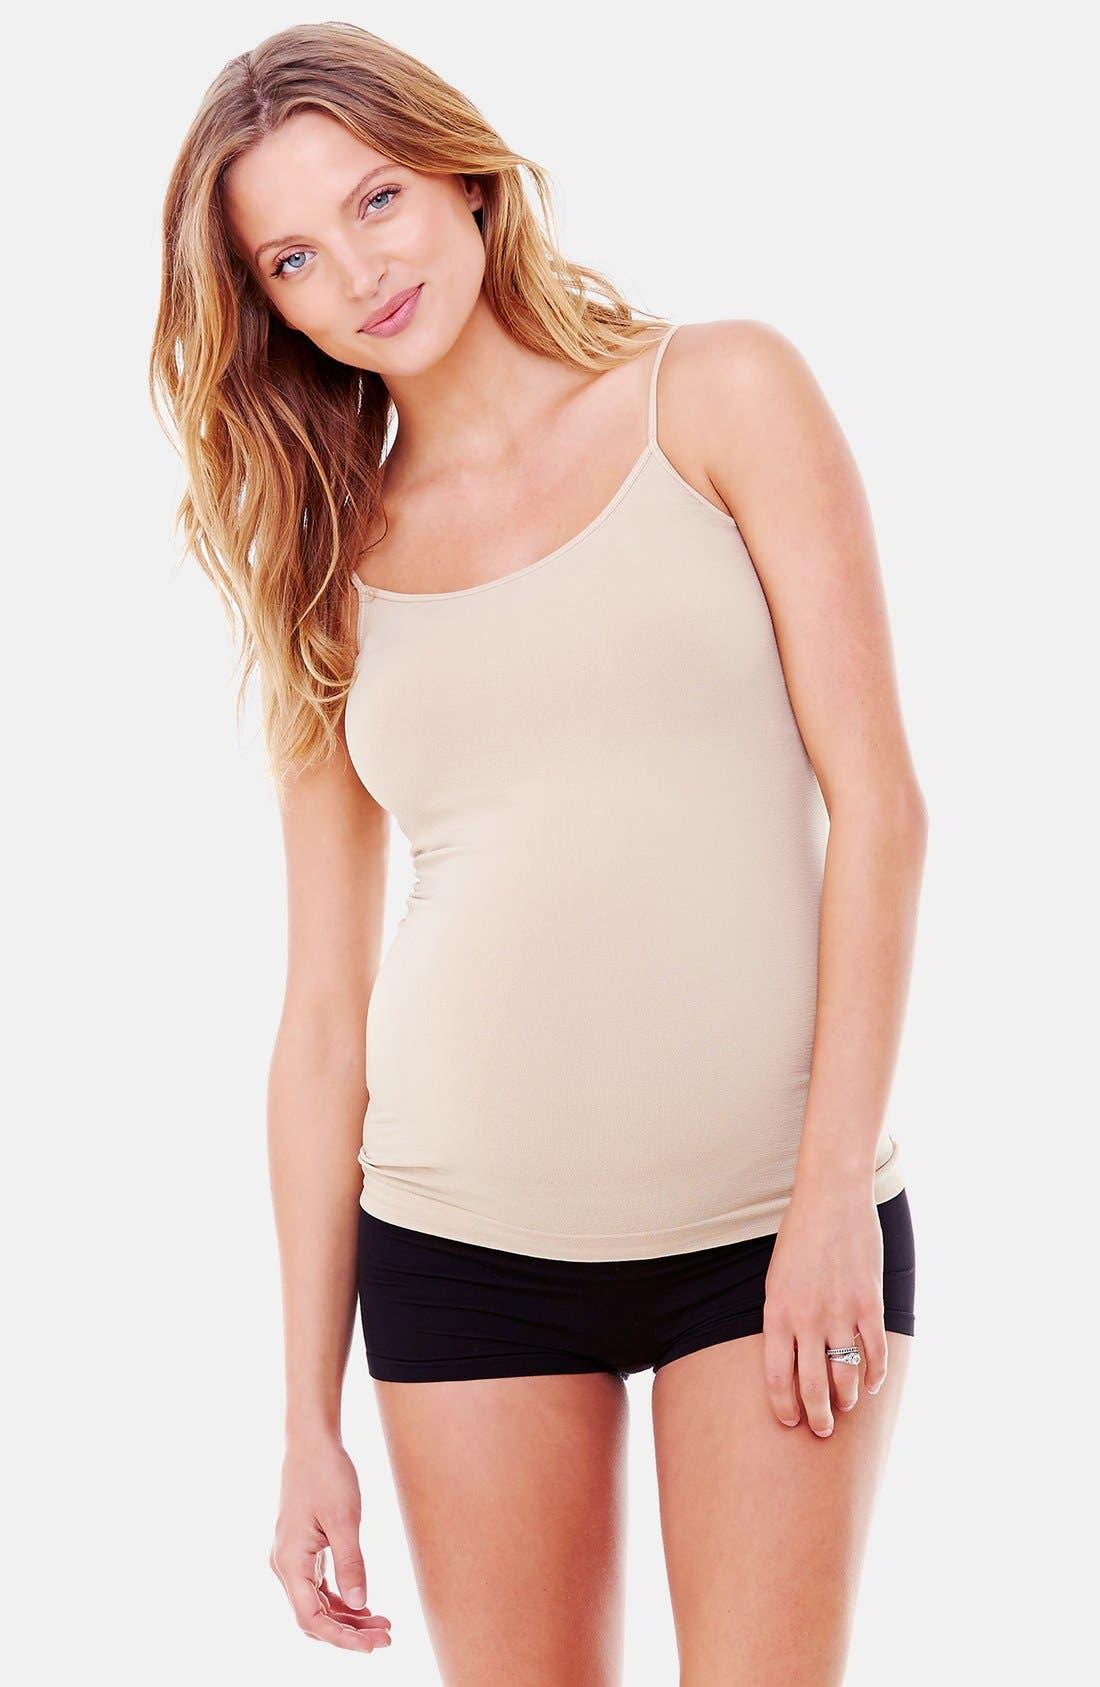 Main Image - Ingrid & Isabel® 'Everyday' Seamless Maternity Camisole